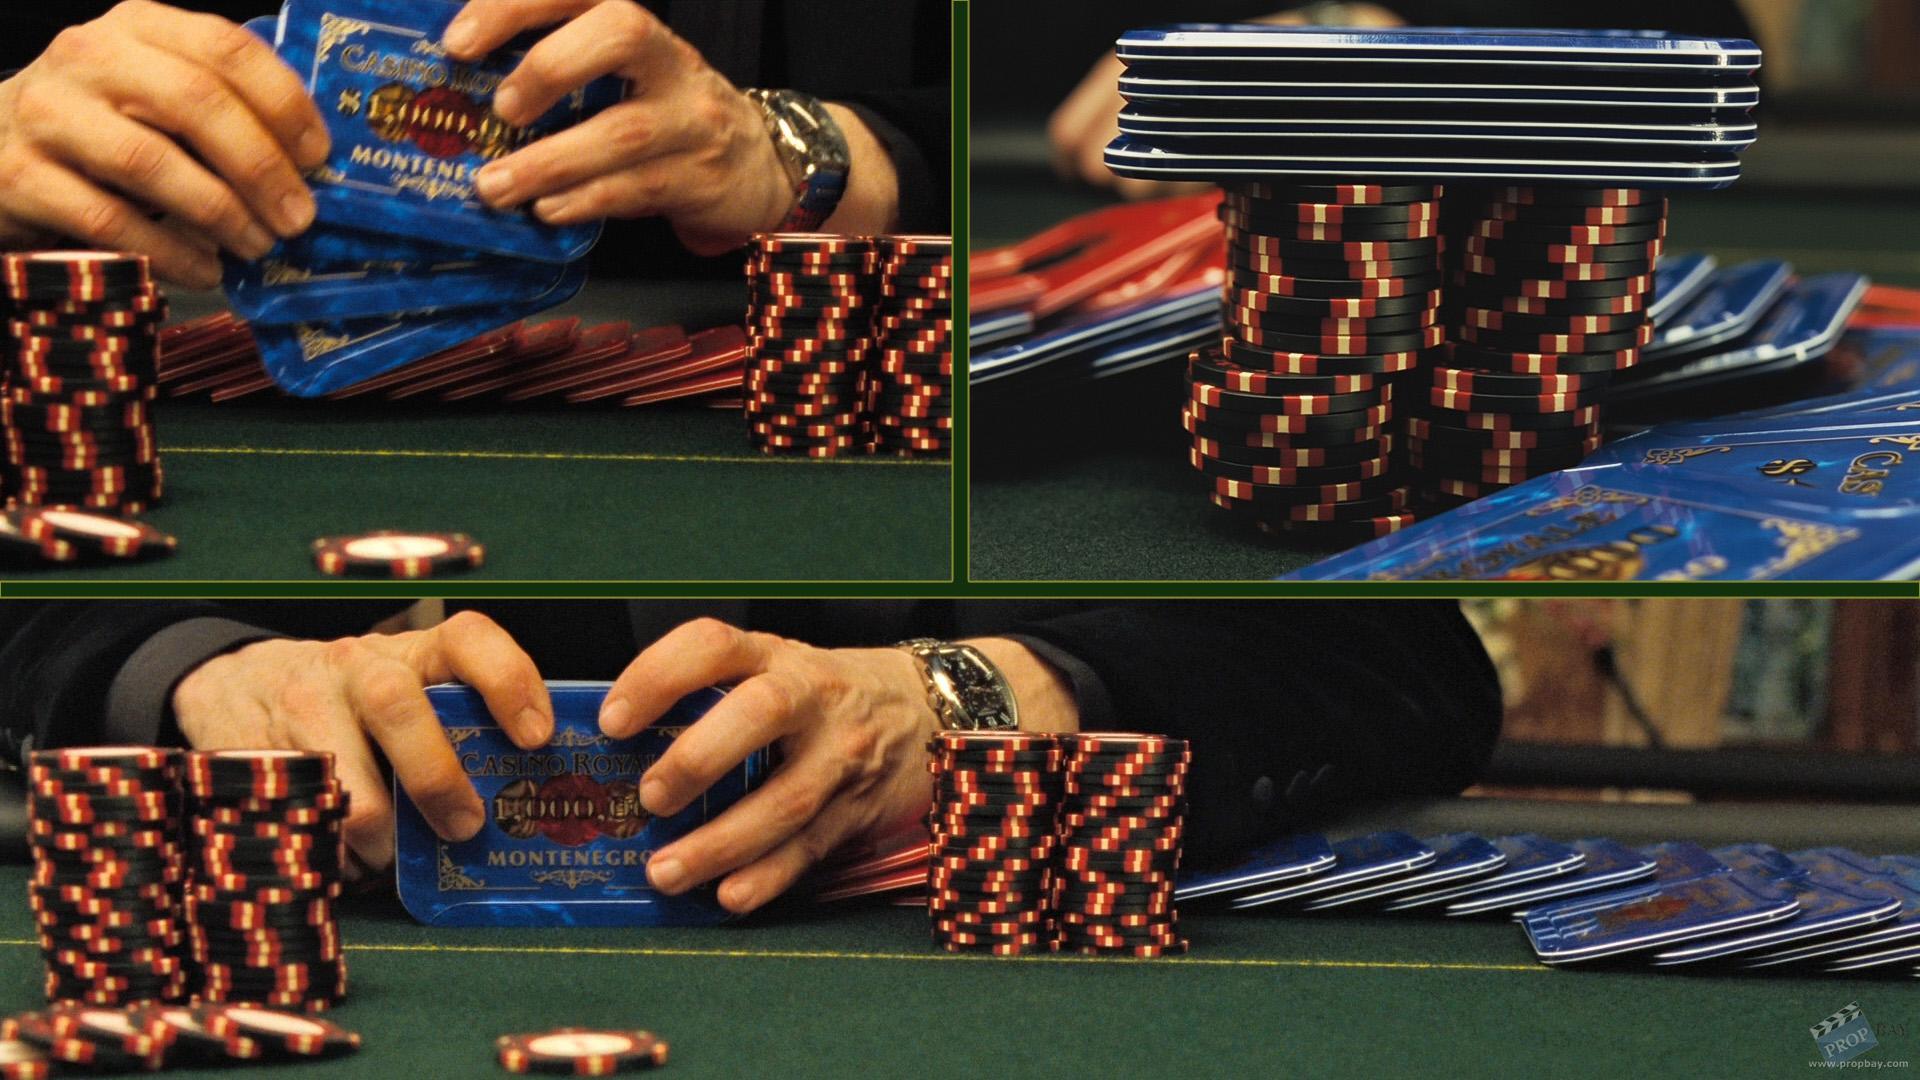 juegos de poker online dinero real